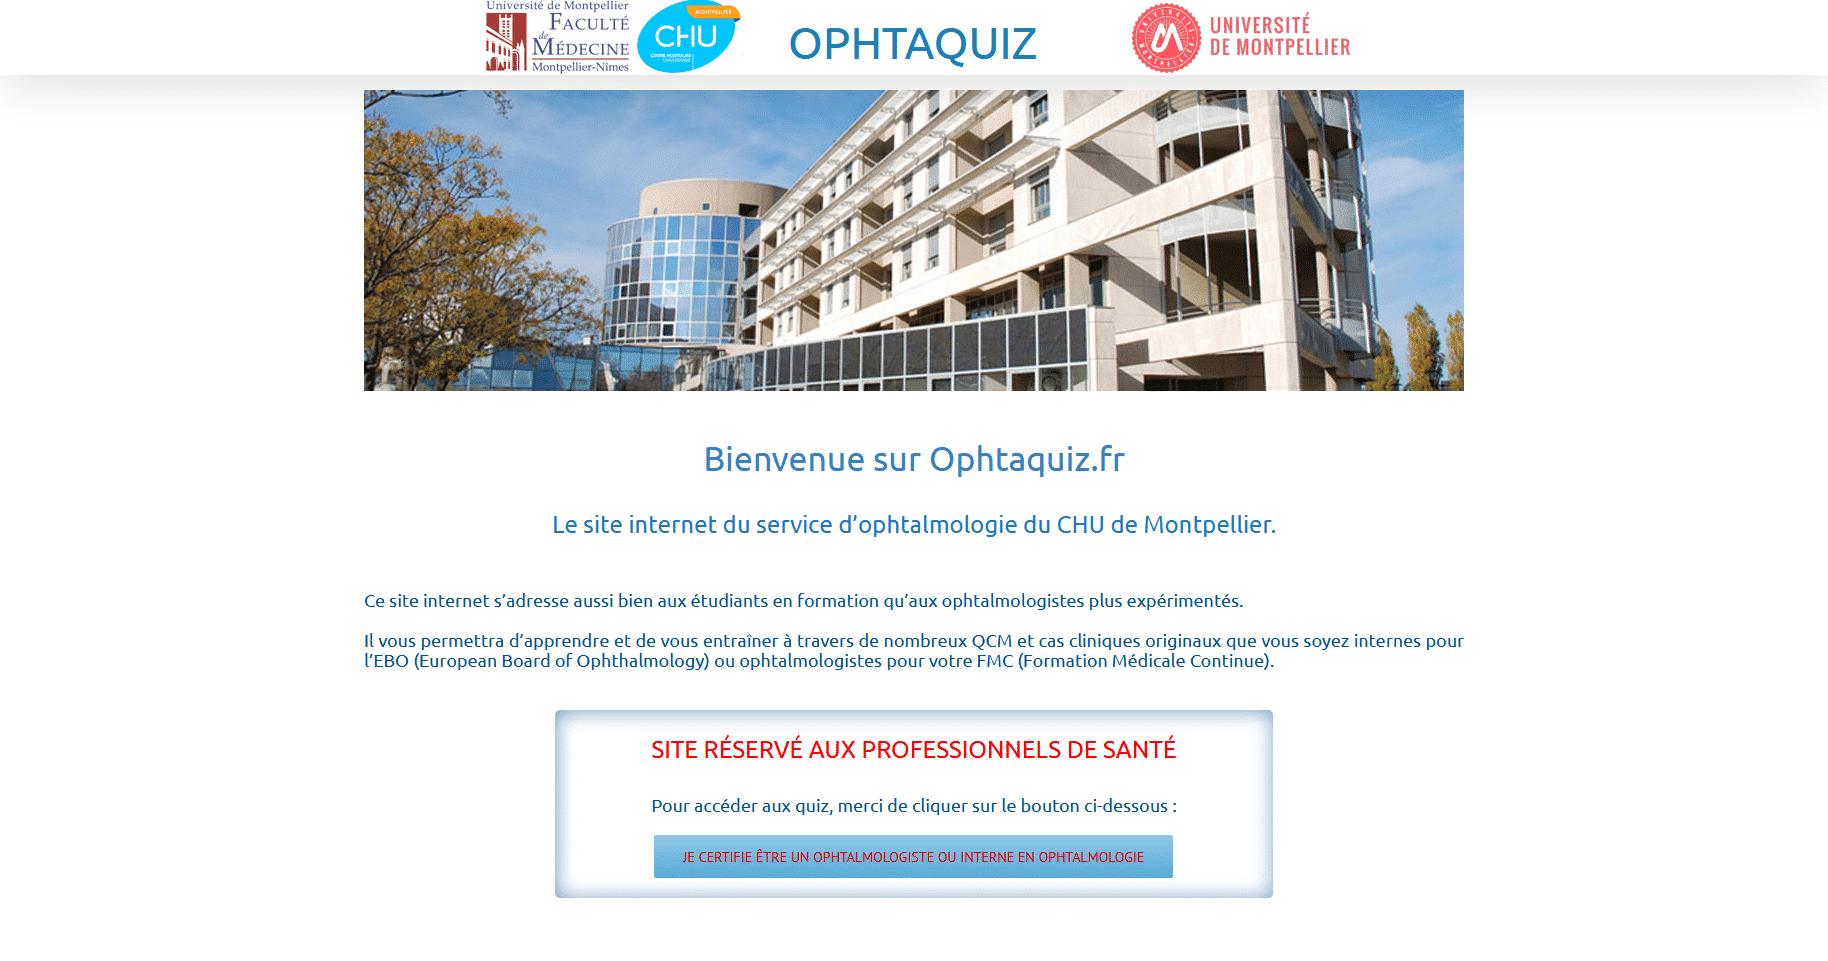 Ophtaquiz.fr